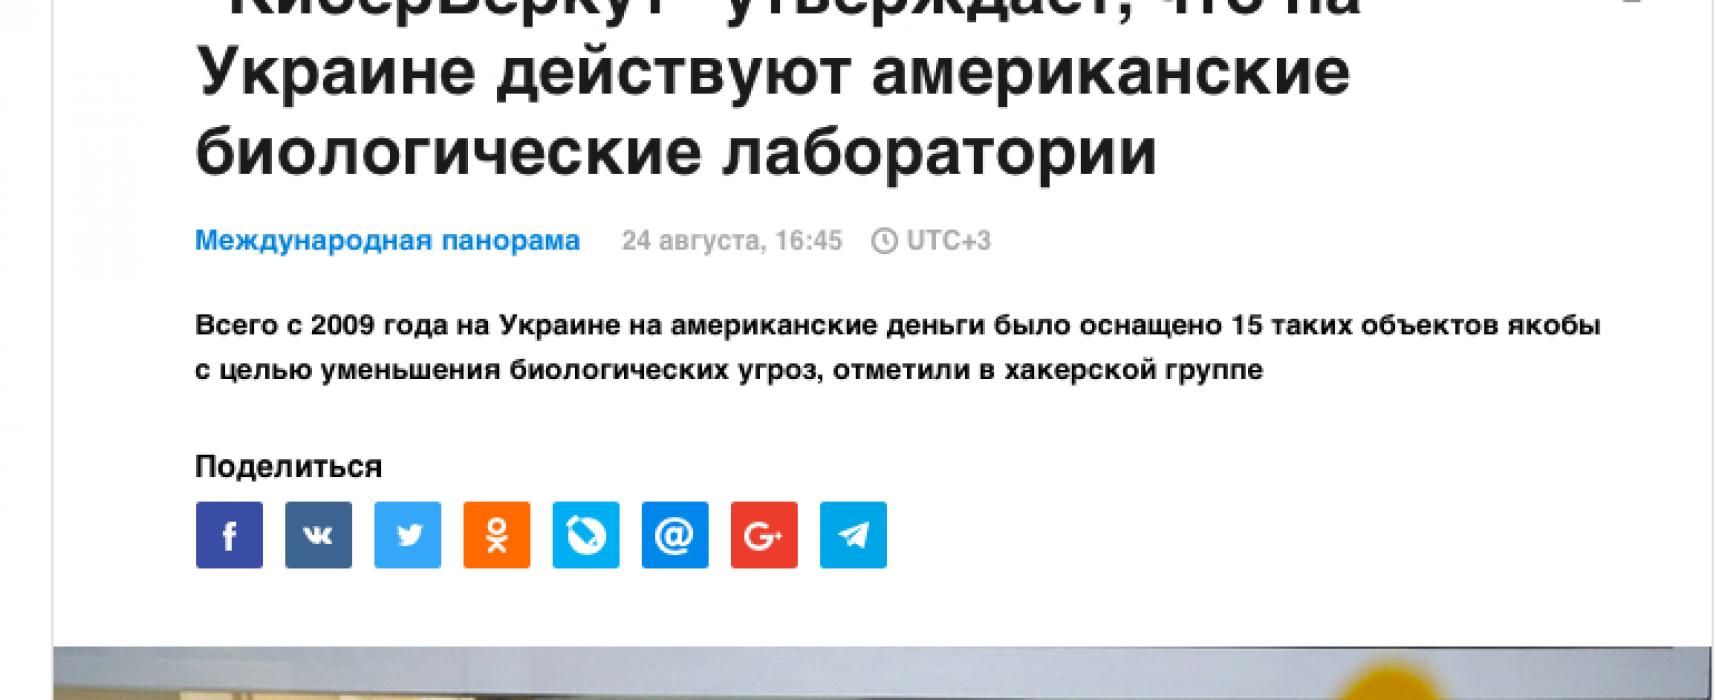 Фейк: Украина — биологический полигон США